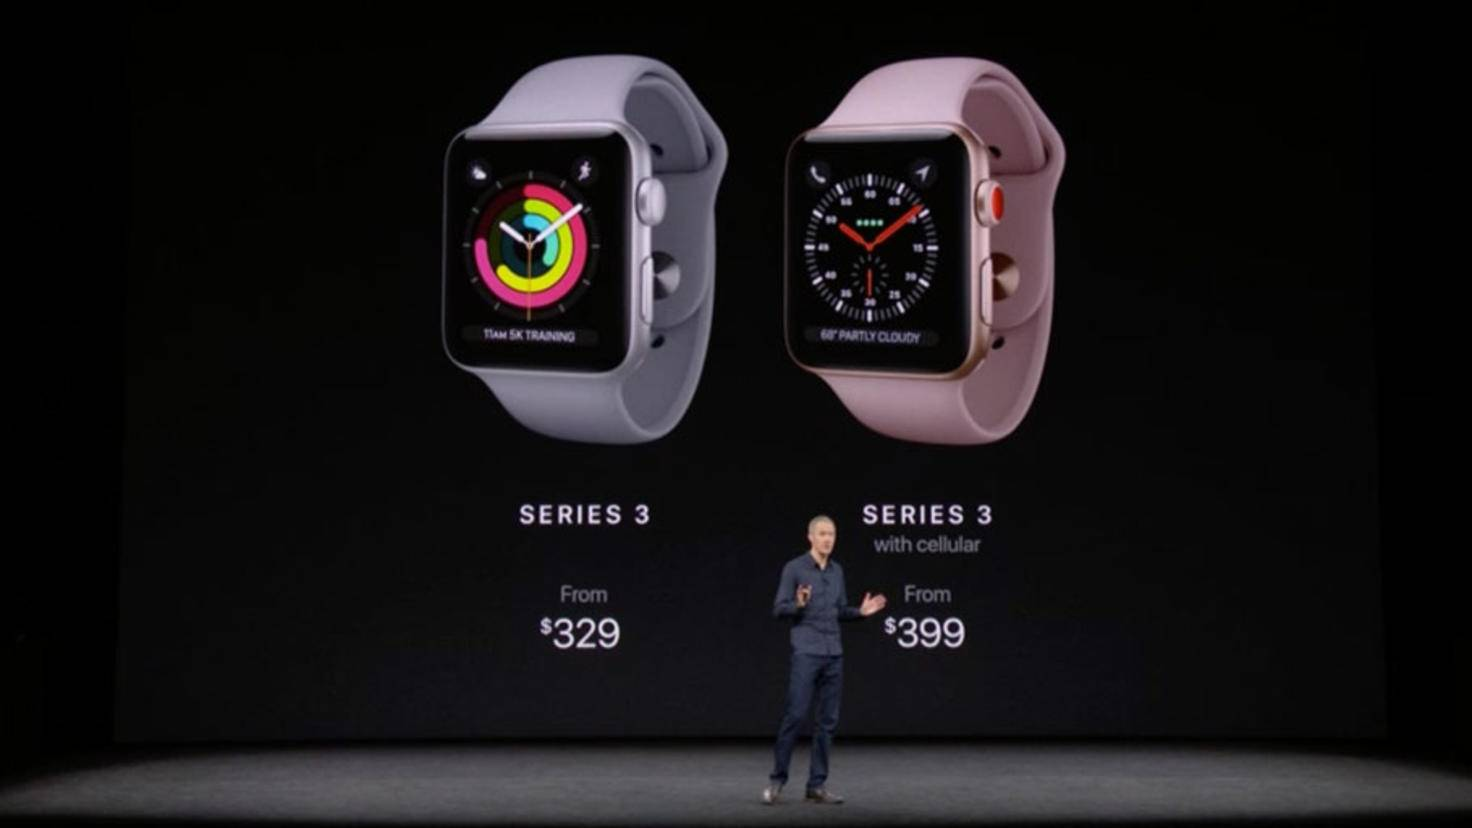 apple-watch-series-3-4-keynote-2017